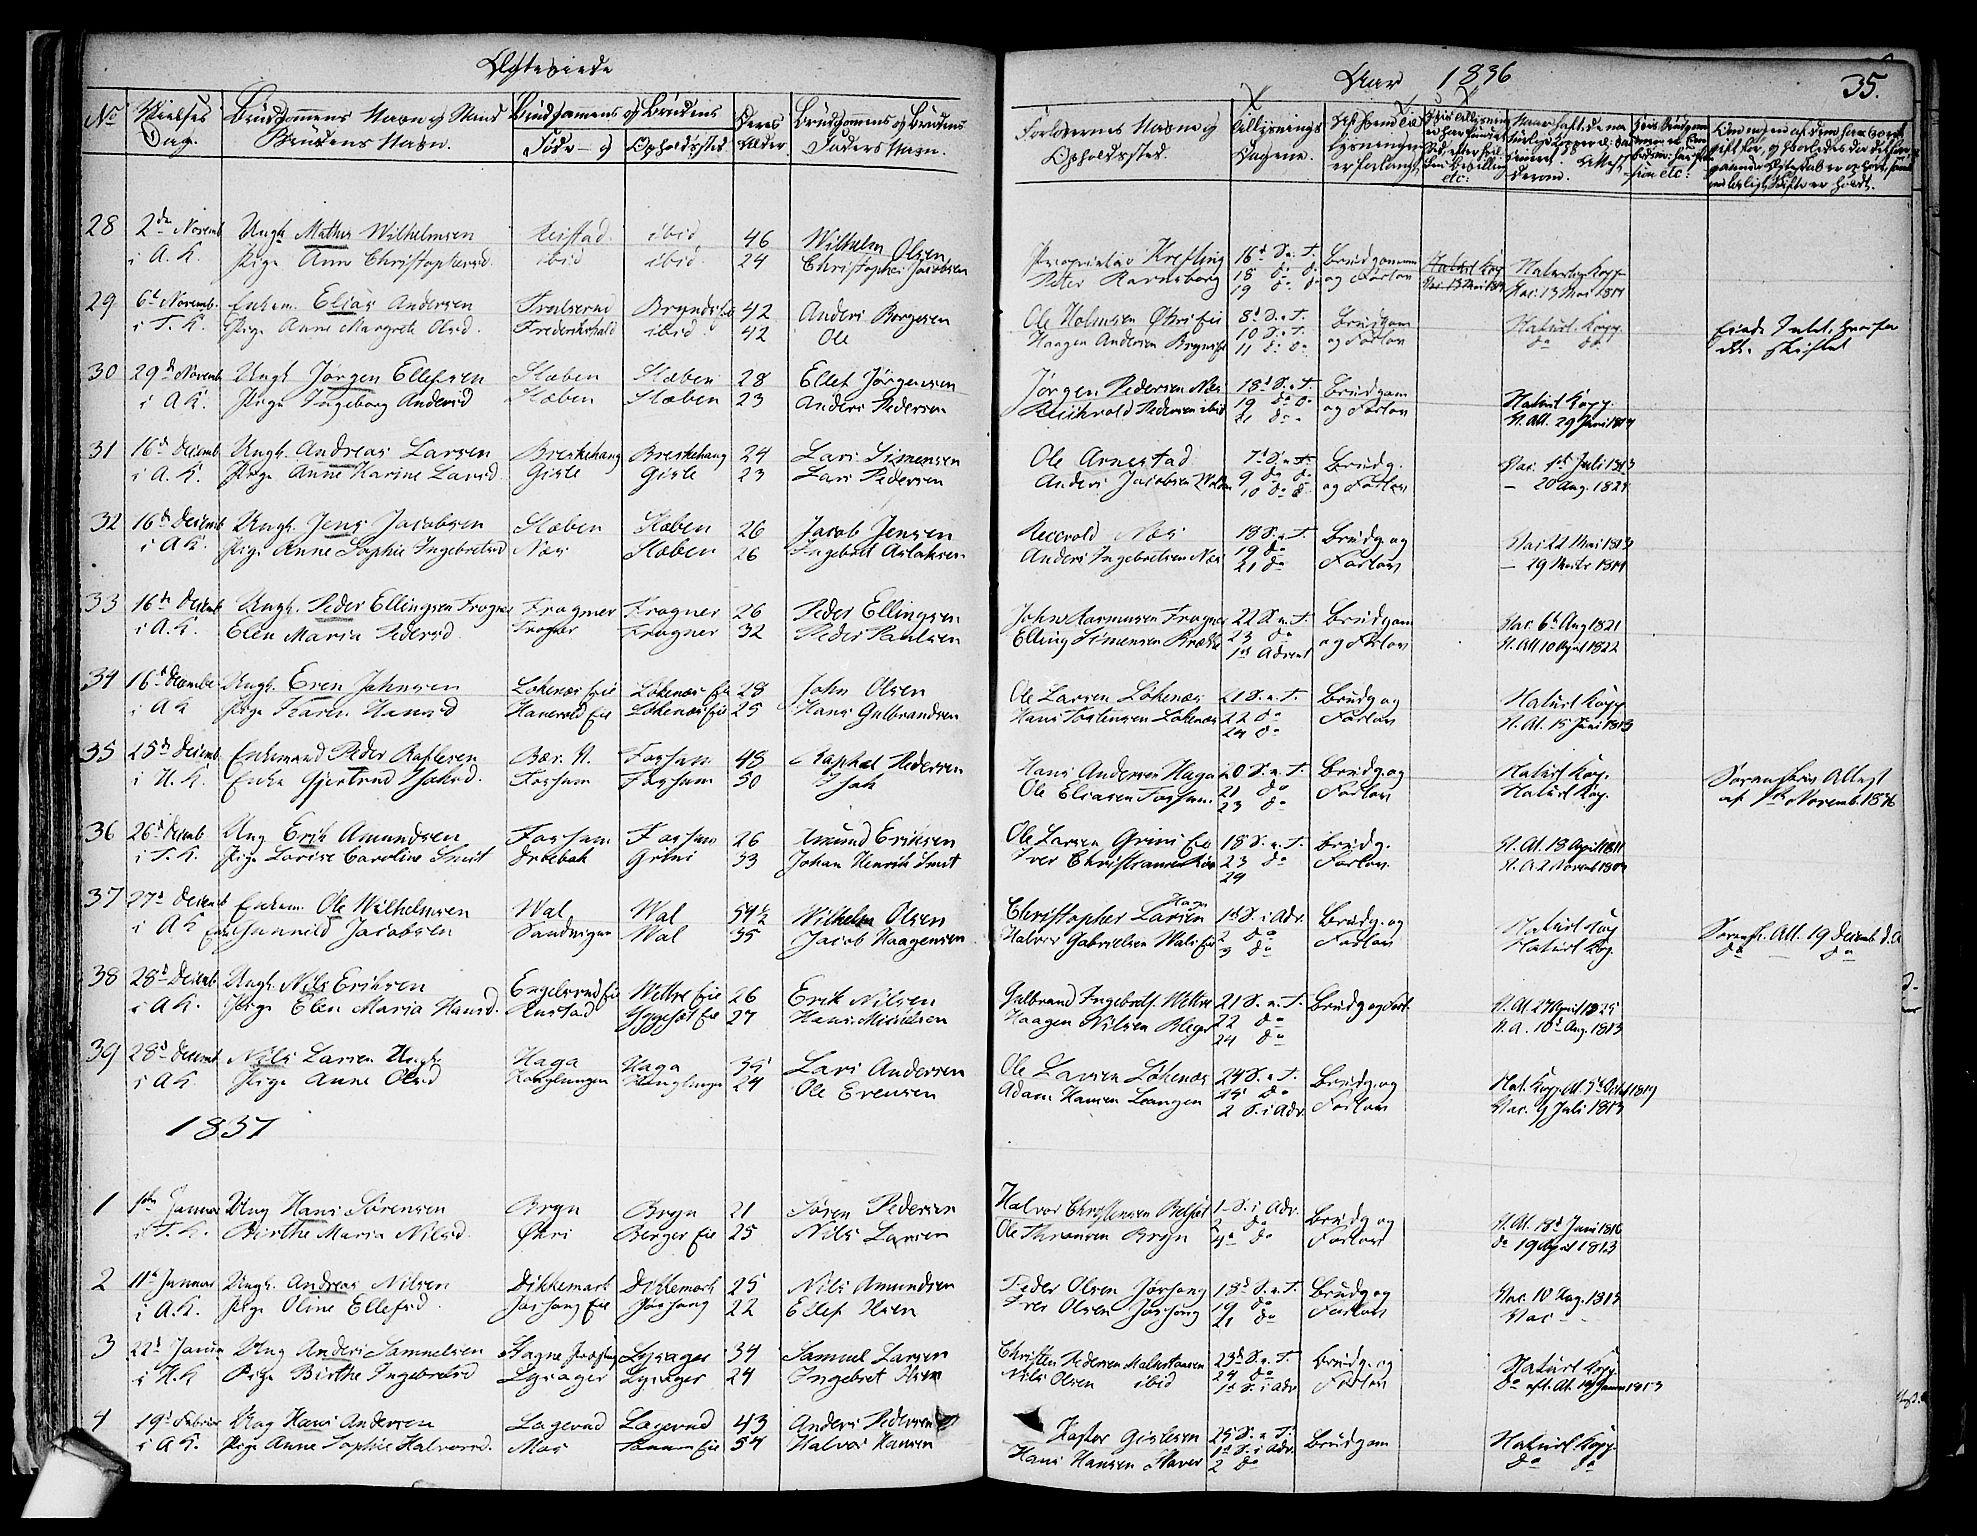 SAO, Asker prestekontor Kirkebøker, F/Fa/L0010: Ministerialbok nr. I 10, 1825-1878, s. 35